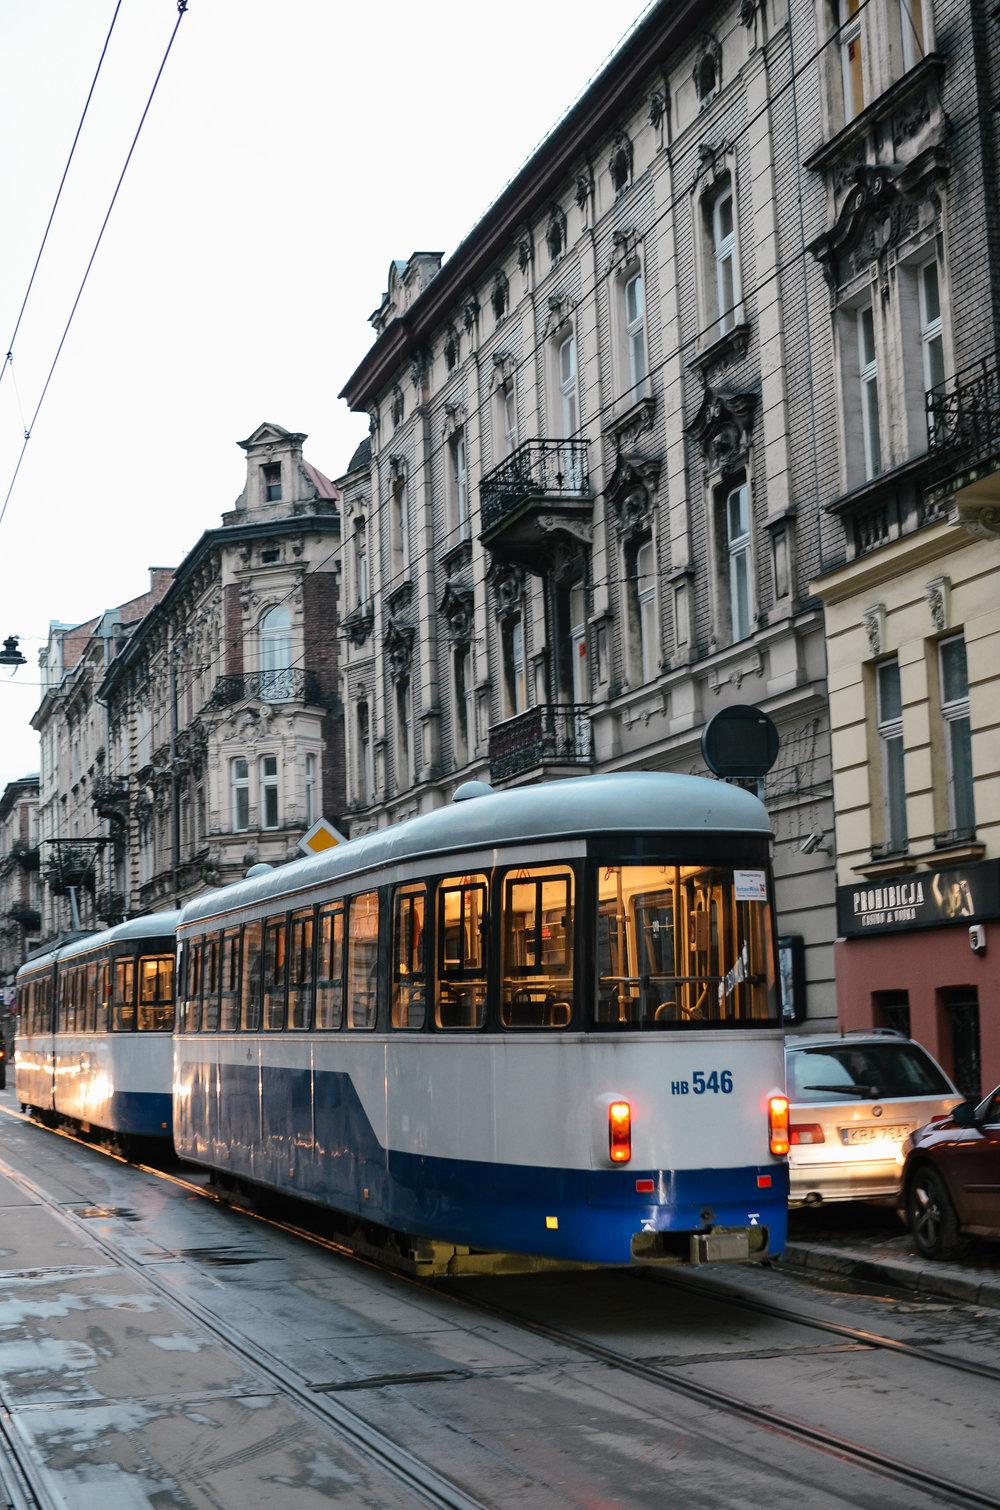 krakow-poland-travel-guide-lifeonpin_DSC_1092.jpg